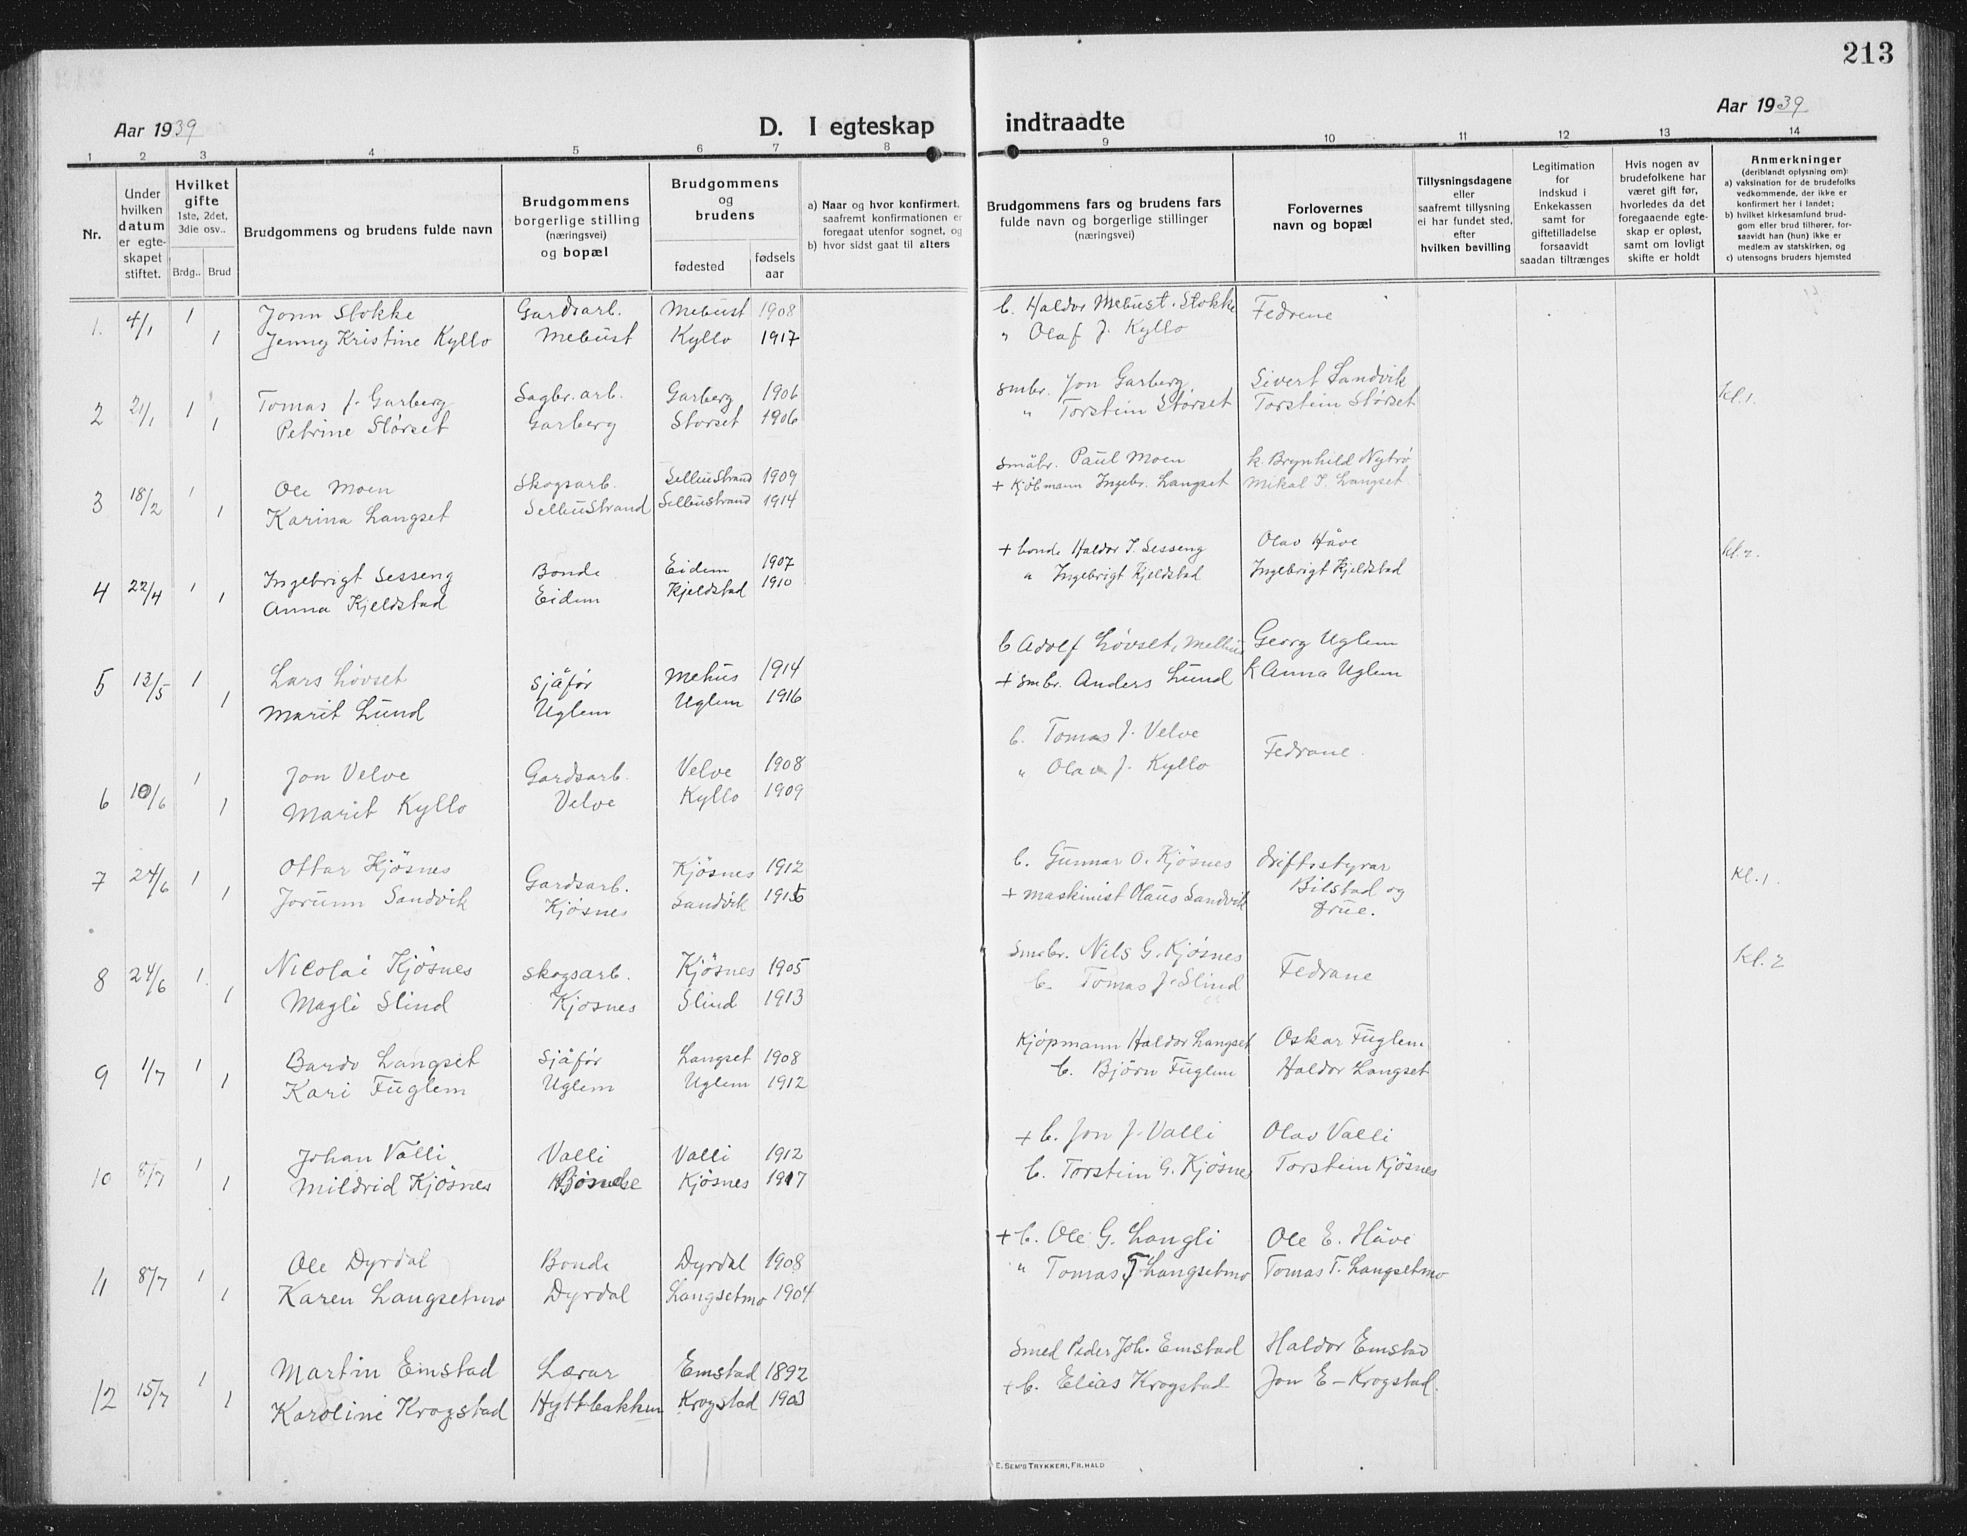 SAT, Ministerialprotokoller, klokkerbøker og fødselsregistre - Sør-Trøndelag, 695/L1158: Klokkerbok nr. 695C09, 1913-1940, s. 213